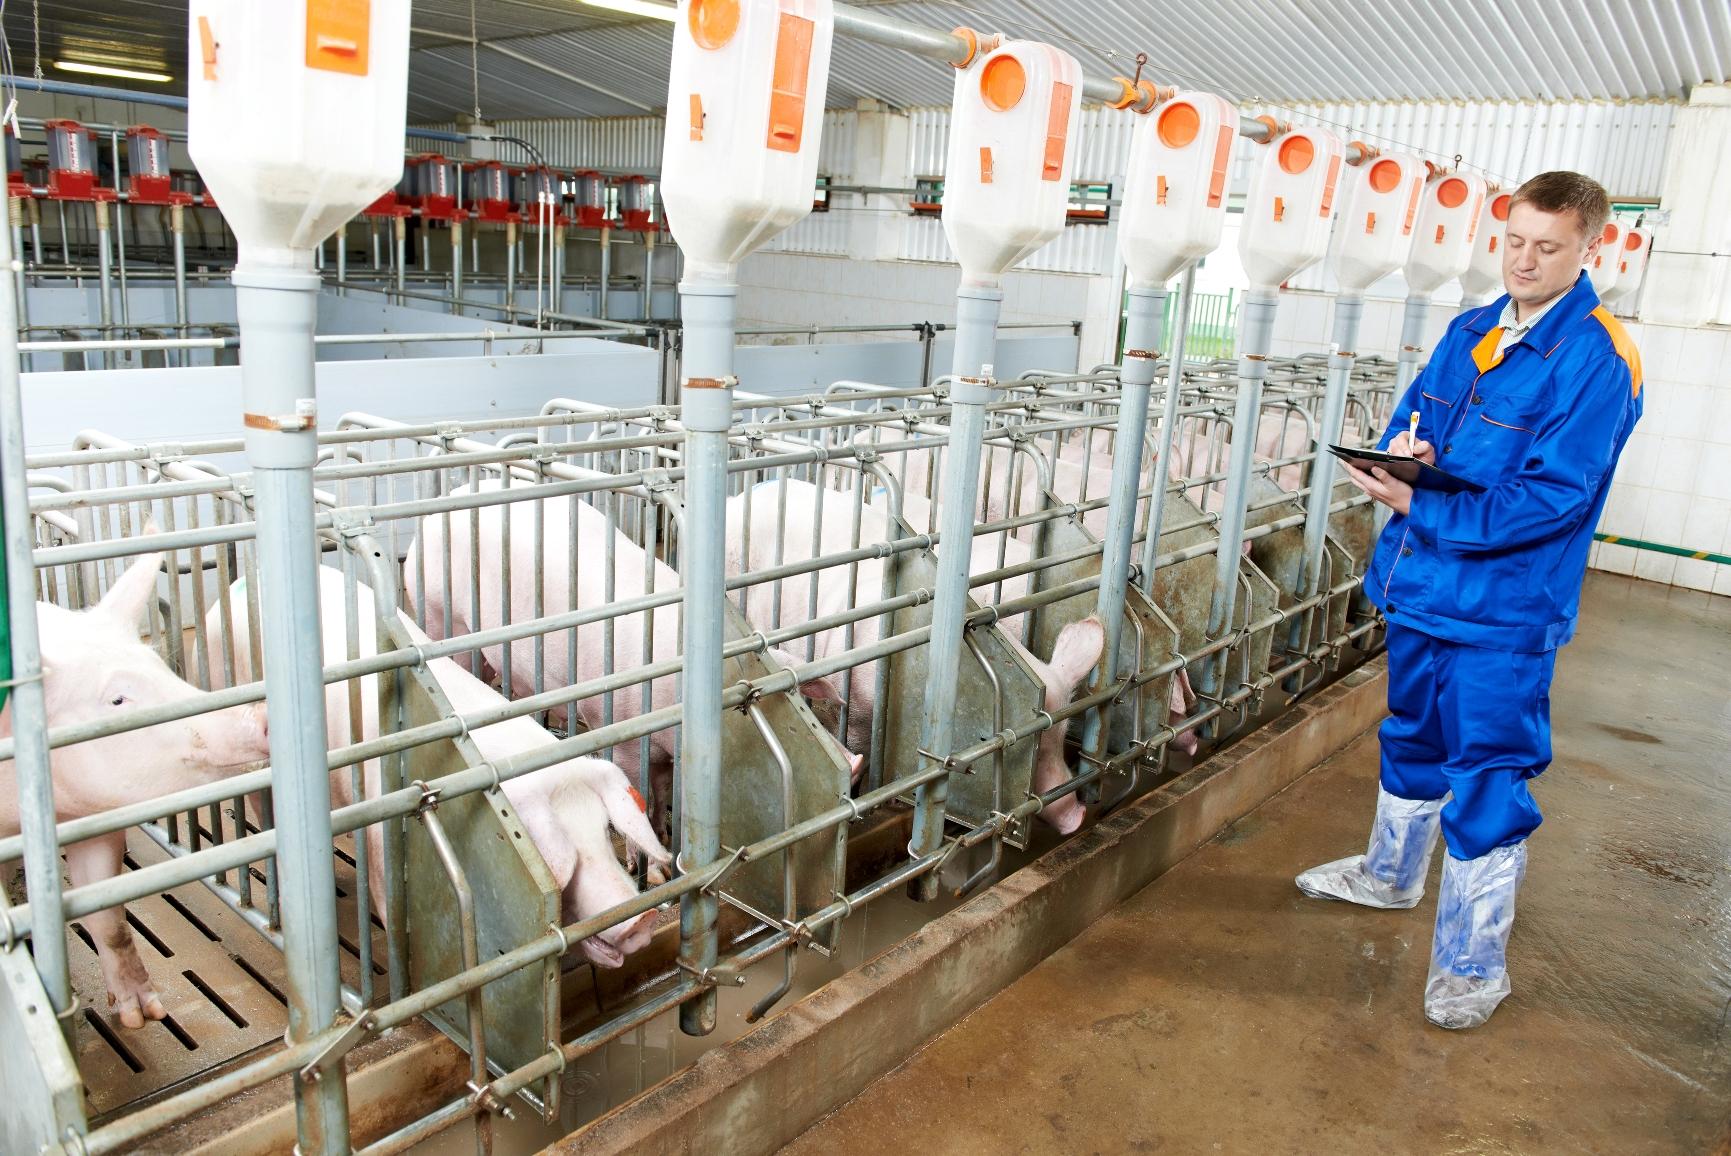 Voltado para o aumento da produtividade e diminuição de custos, a prática é prejudicial ao desenvolvimento do animal.